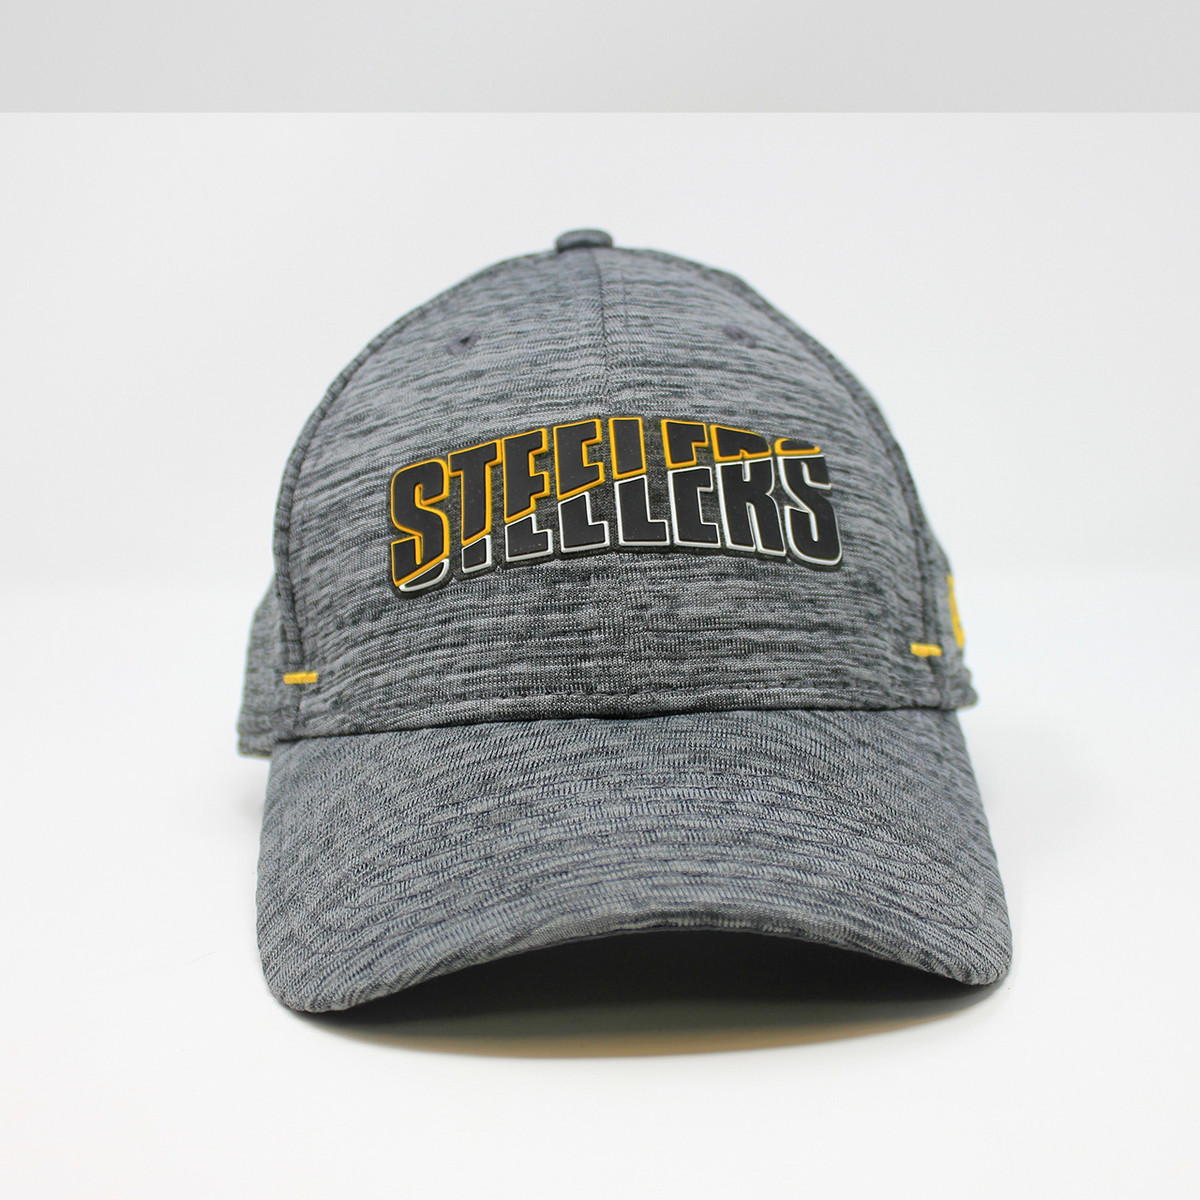 New Era 39Thirty Steelers 2020 Training Cap